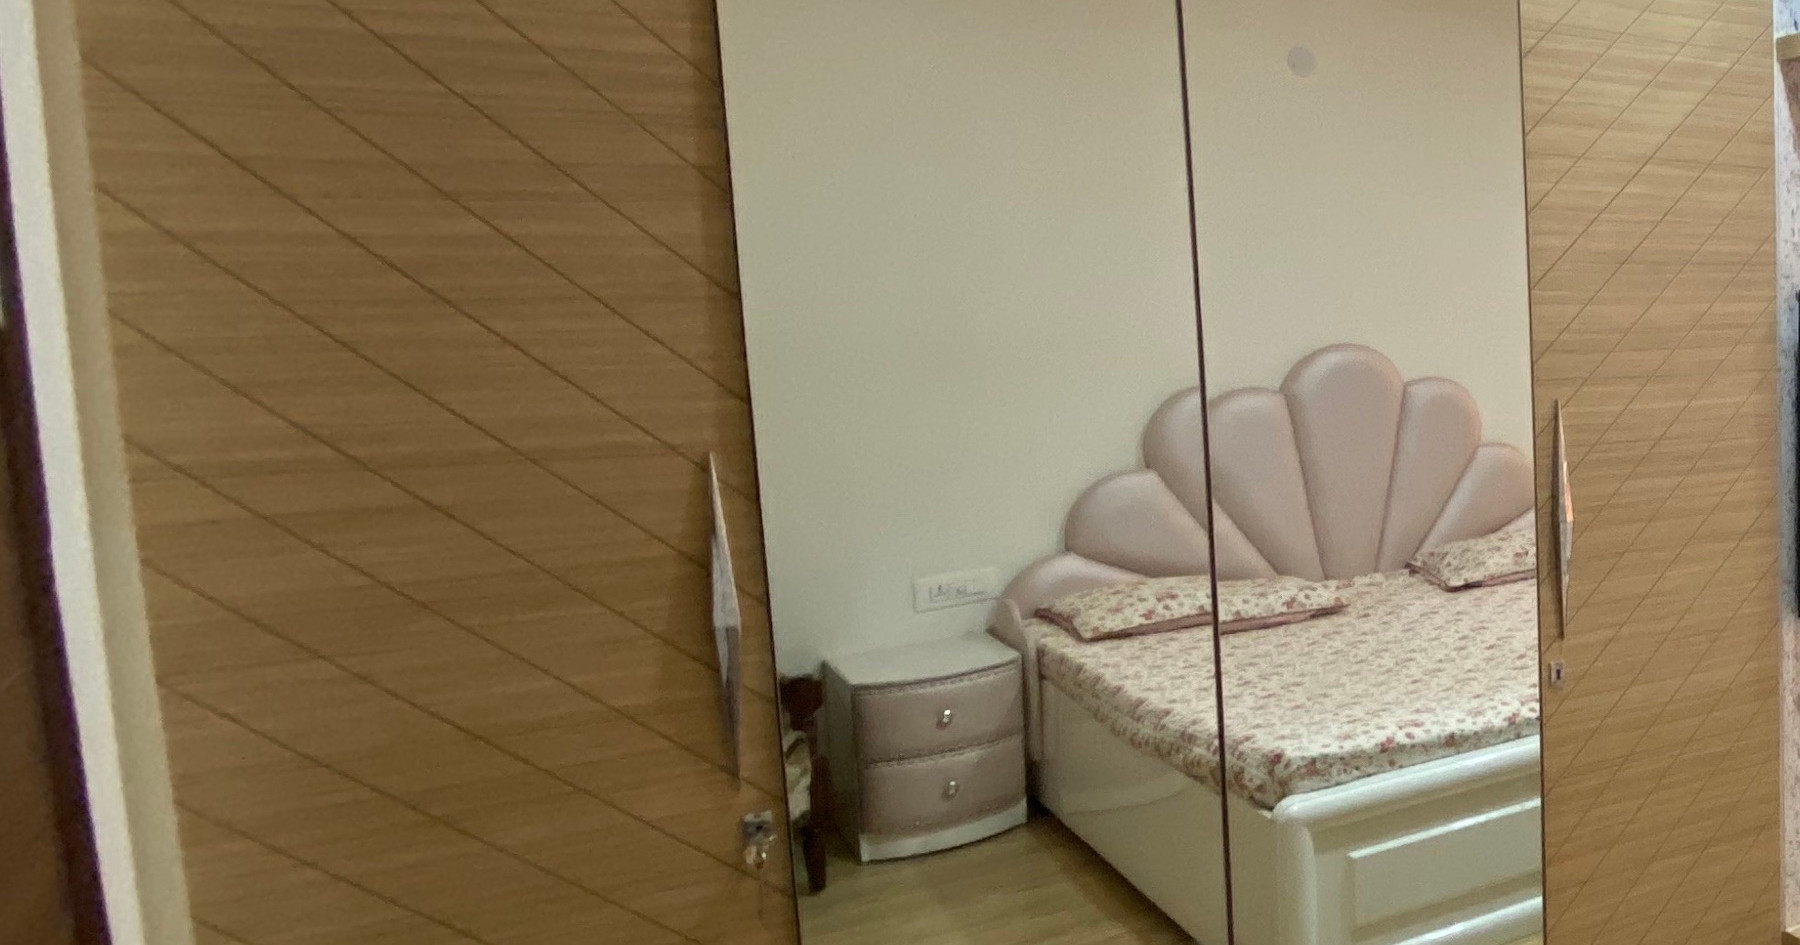 Room wardobe